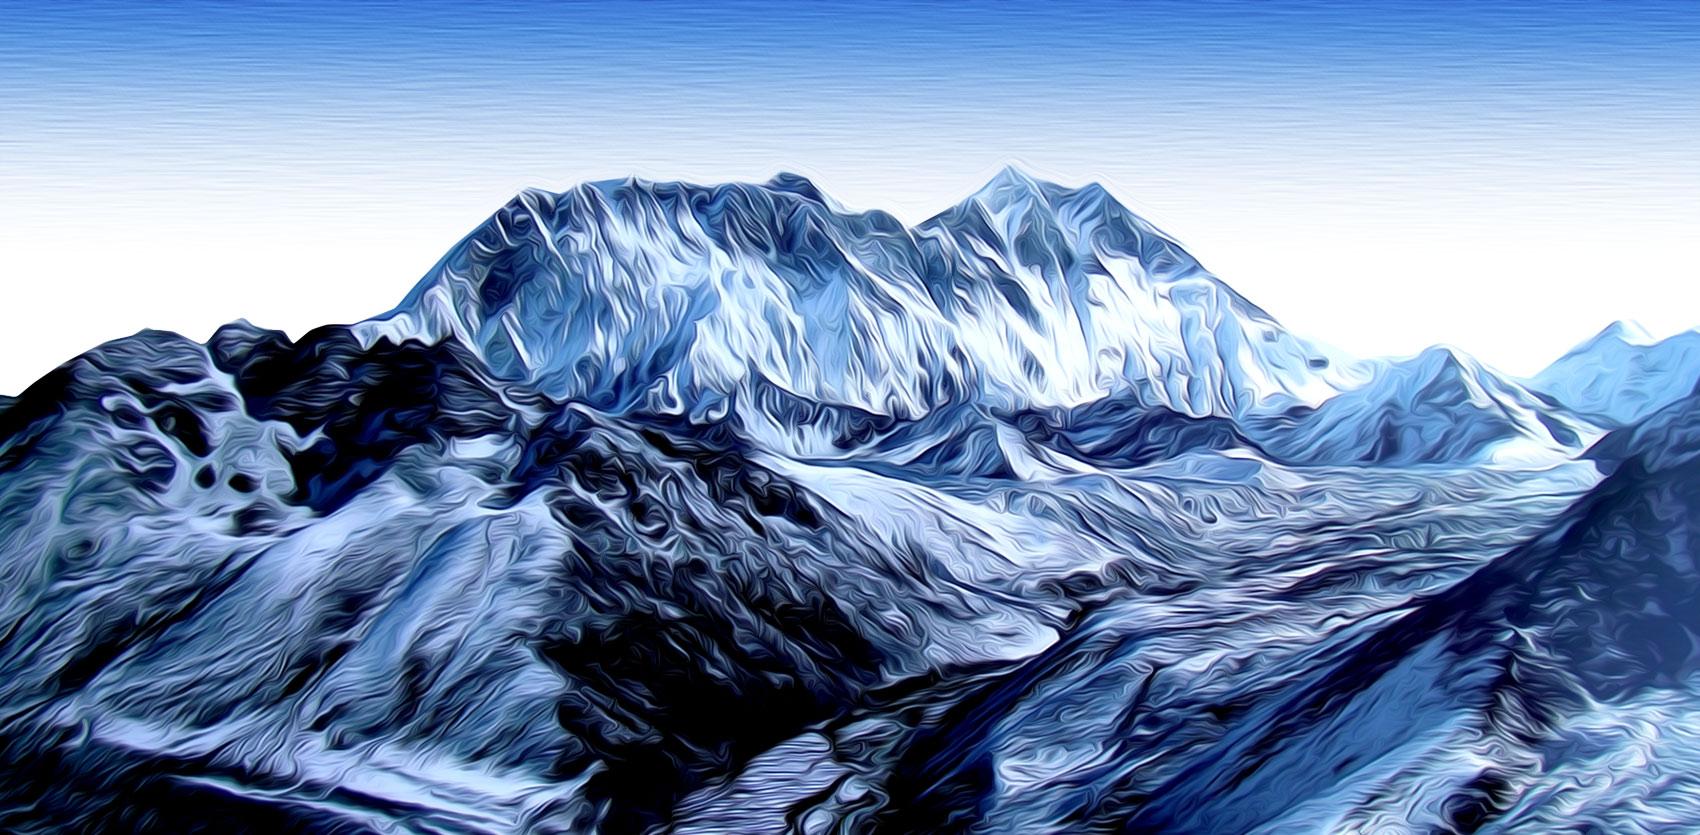 pintura expresionista himalaya